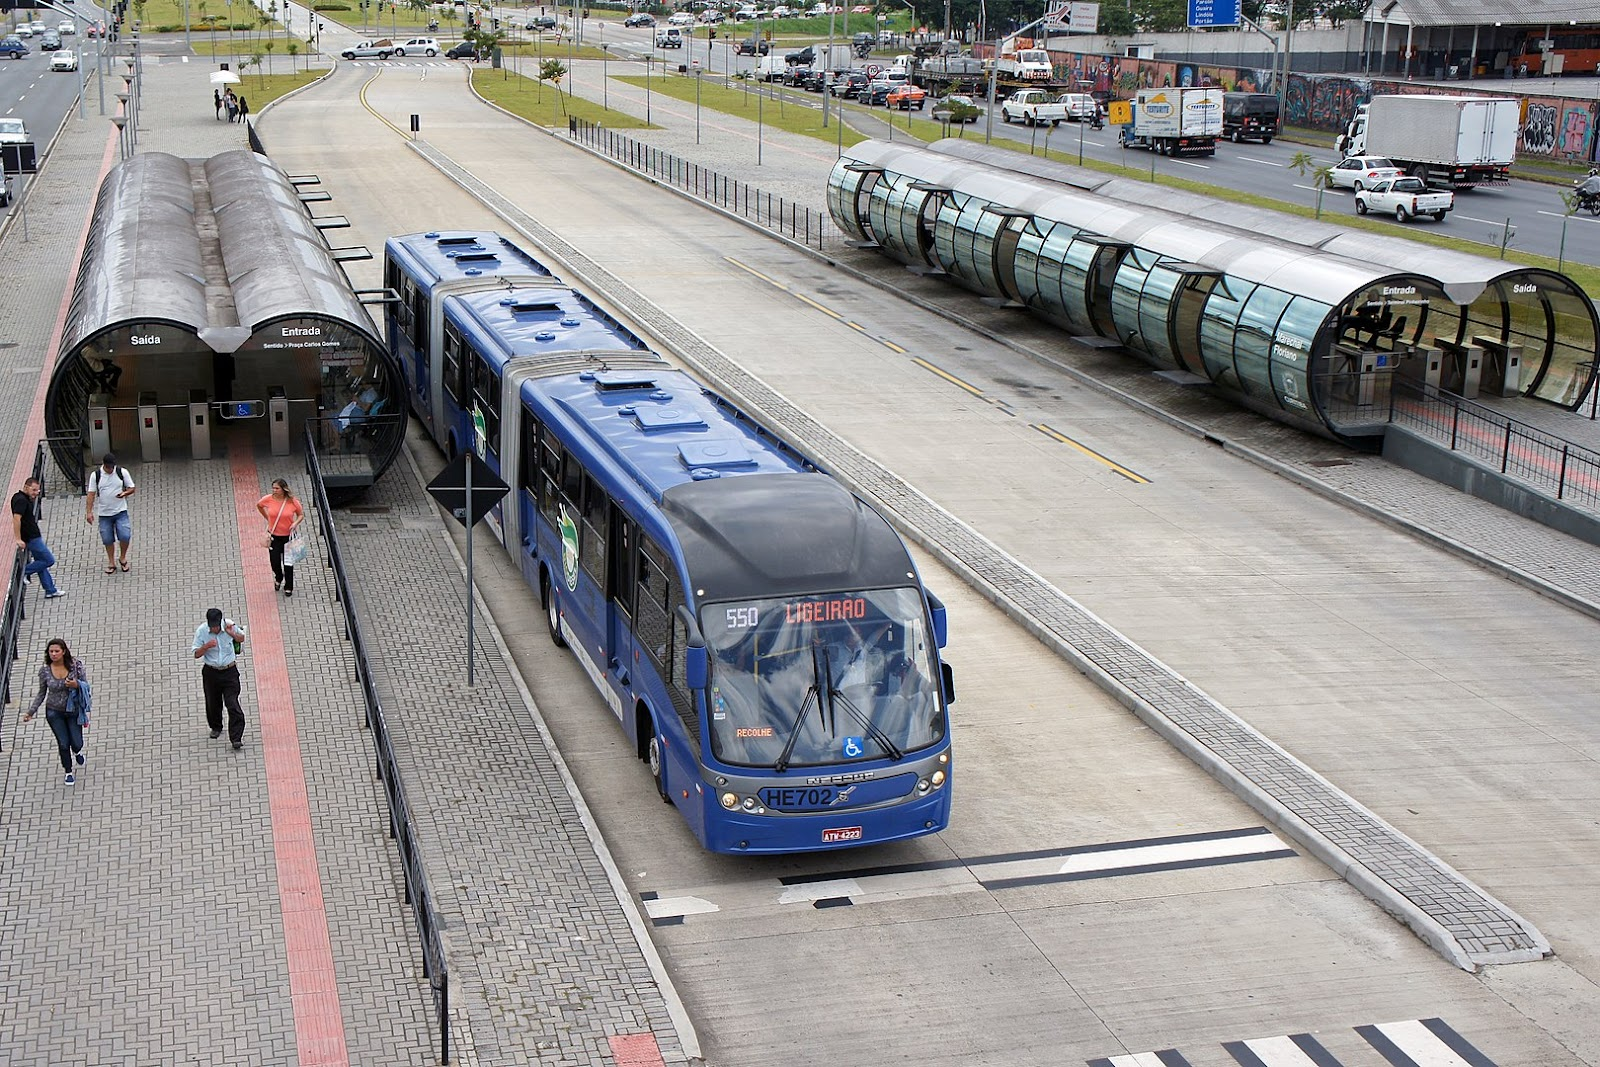 O sistema BRT tem maior capacidade que os ônibus comuns, mas menor custo e tempo de implantação que trens (Imagem: Wikimedia Commons)